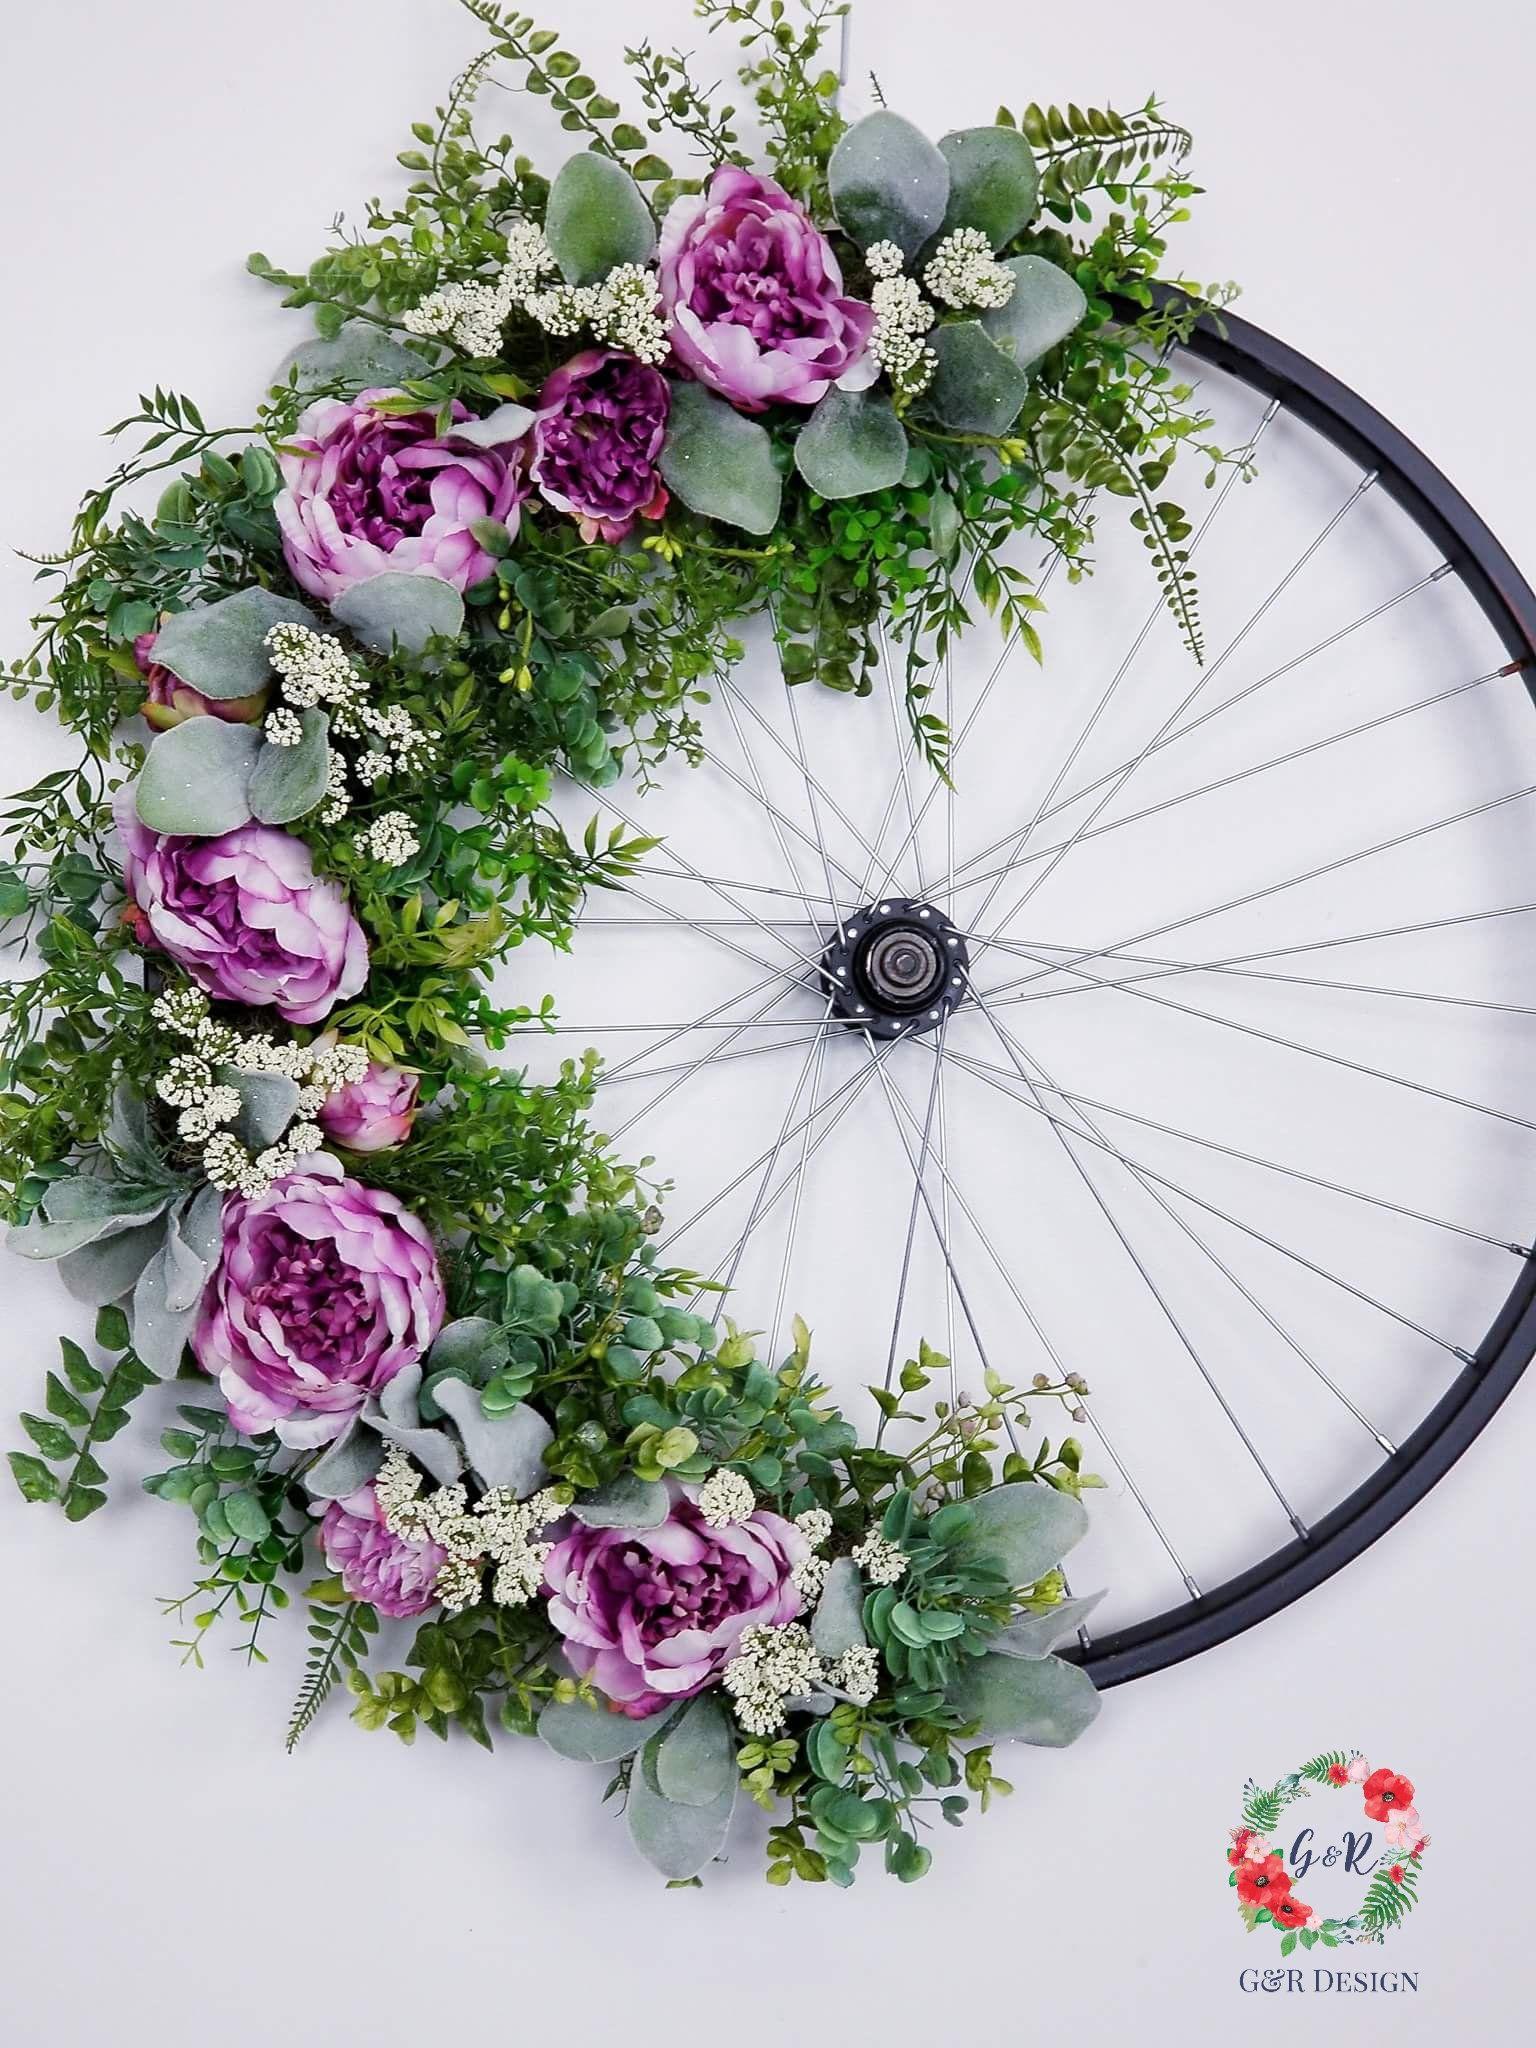 Bicycle Wheel Wreath Tutorial, Vintage Bicycle Wheel, Bike Rim Tutorial, Upcycled Wheel Wreath, DIY Bike Wheel, Bicycle Wheel Supply List